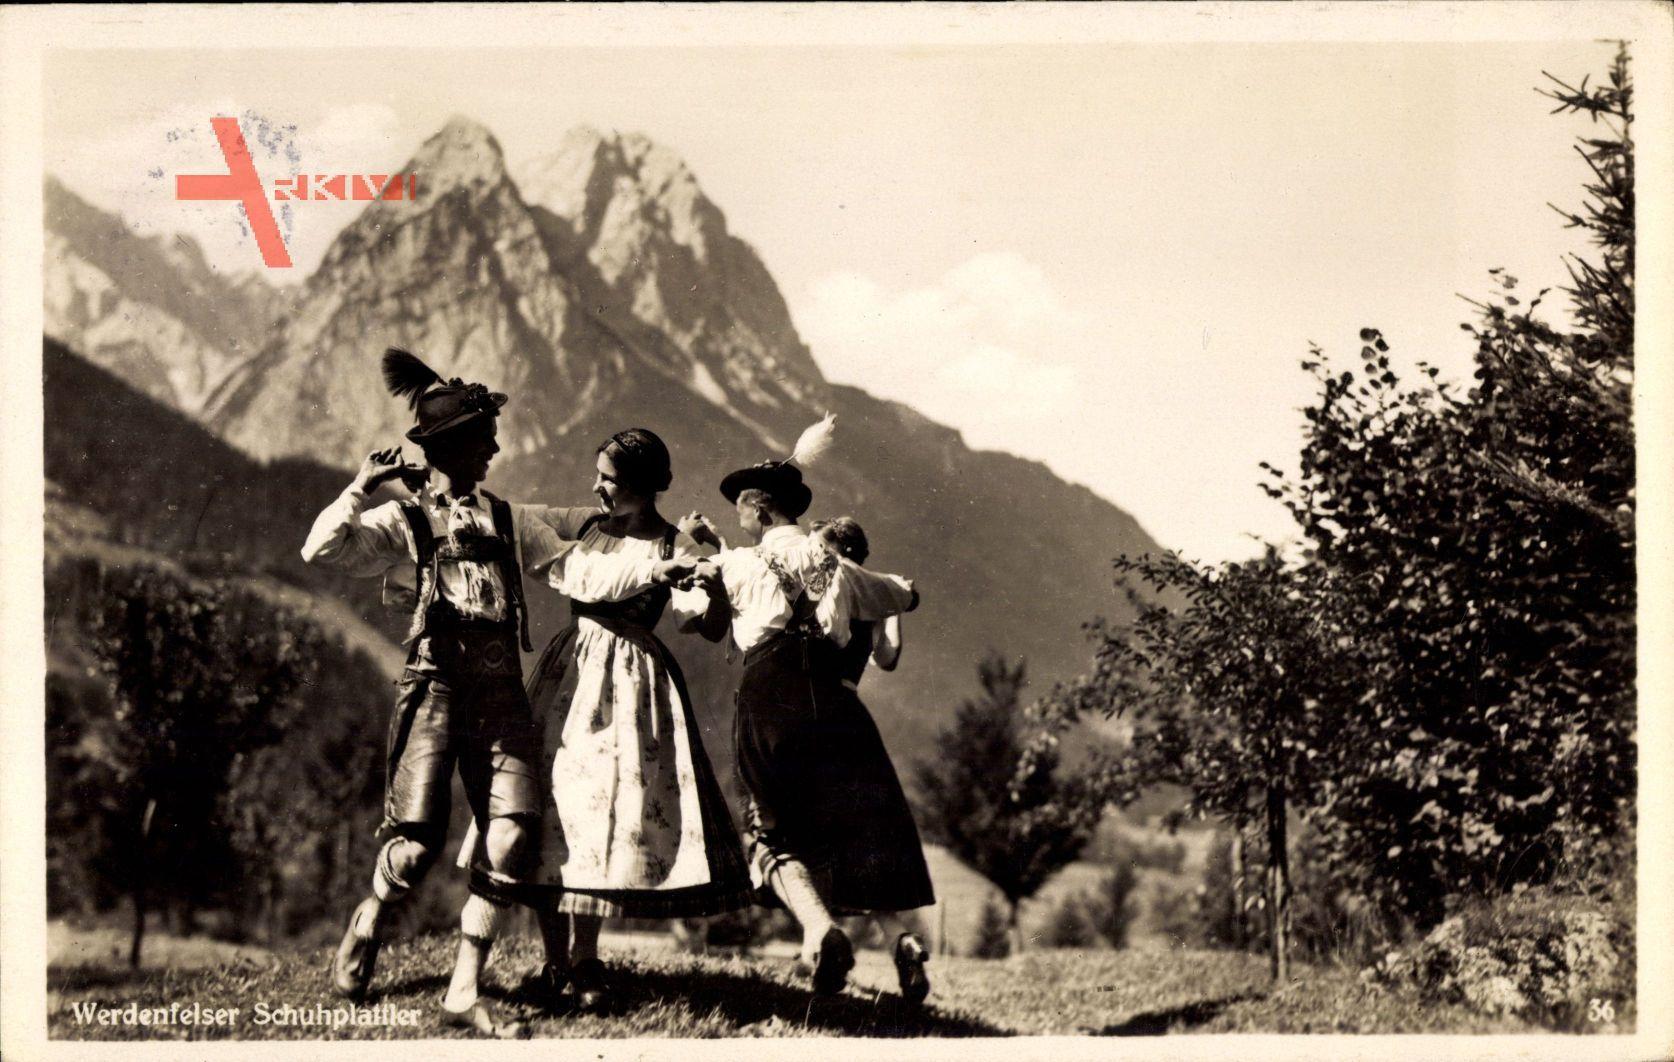 Werdenfelser Schuhplattler, Männer und Frauen in Tracht, Gebirge